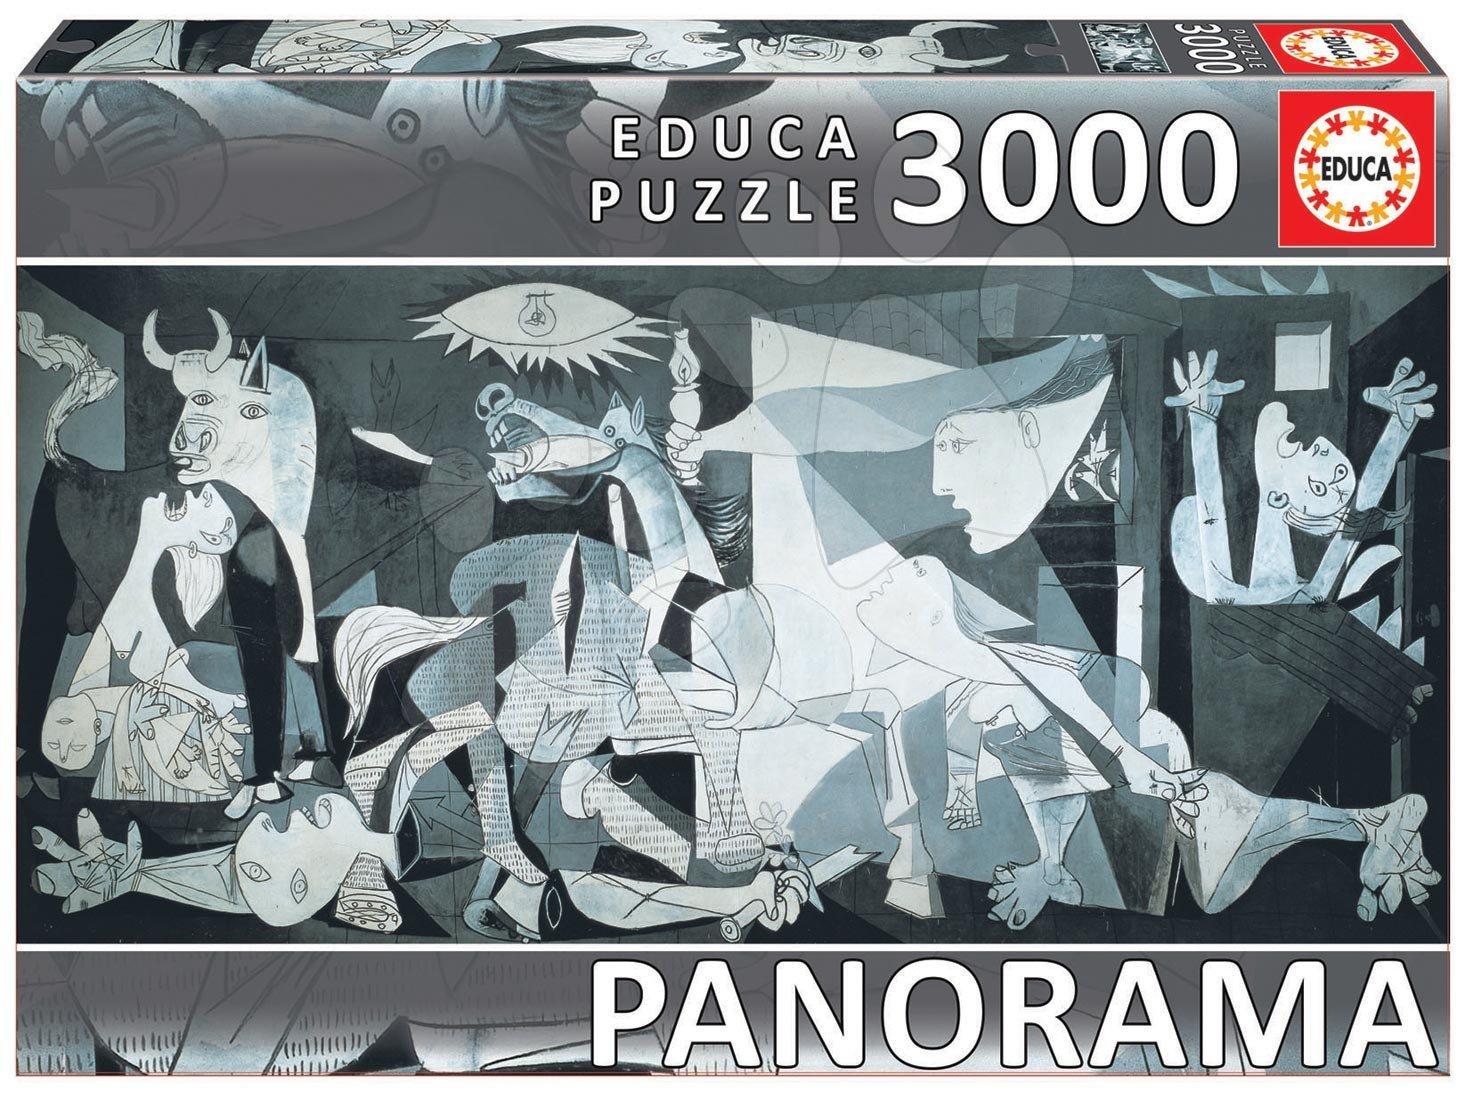 EDUCA 11502 PUZZLE 3000 dielov Panorama Guernica, Pablo Picasso + FIX PUZZLE LEPIDLO